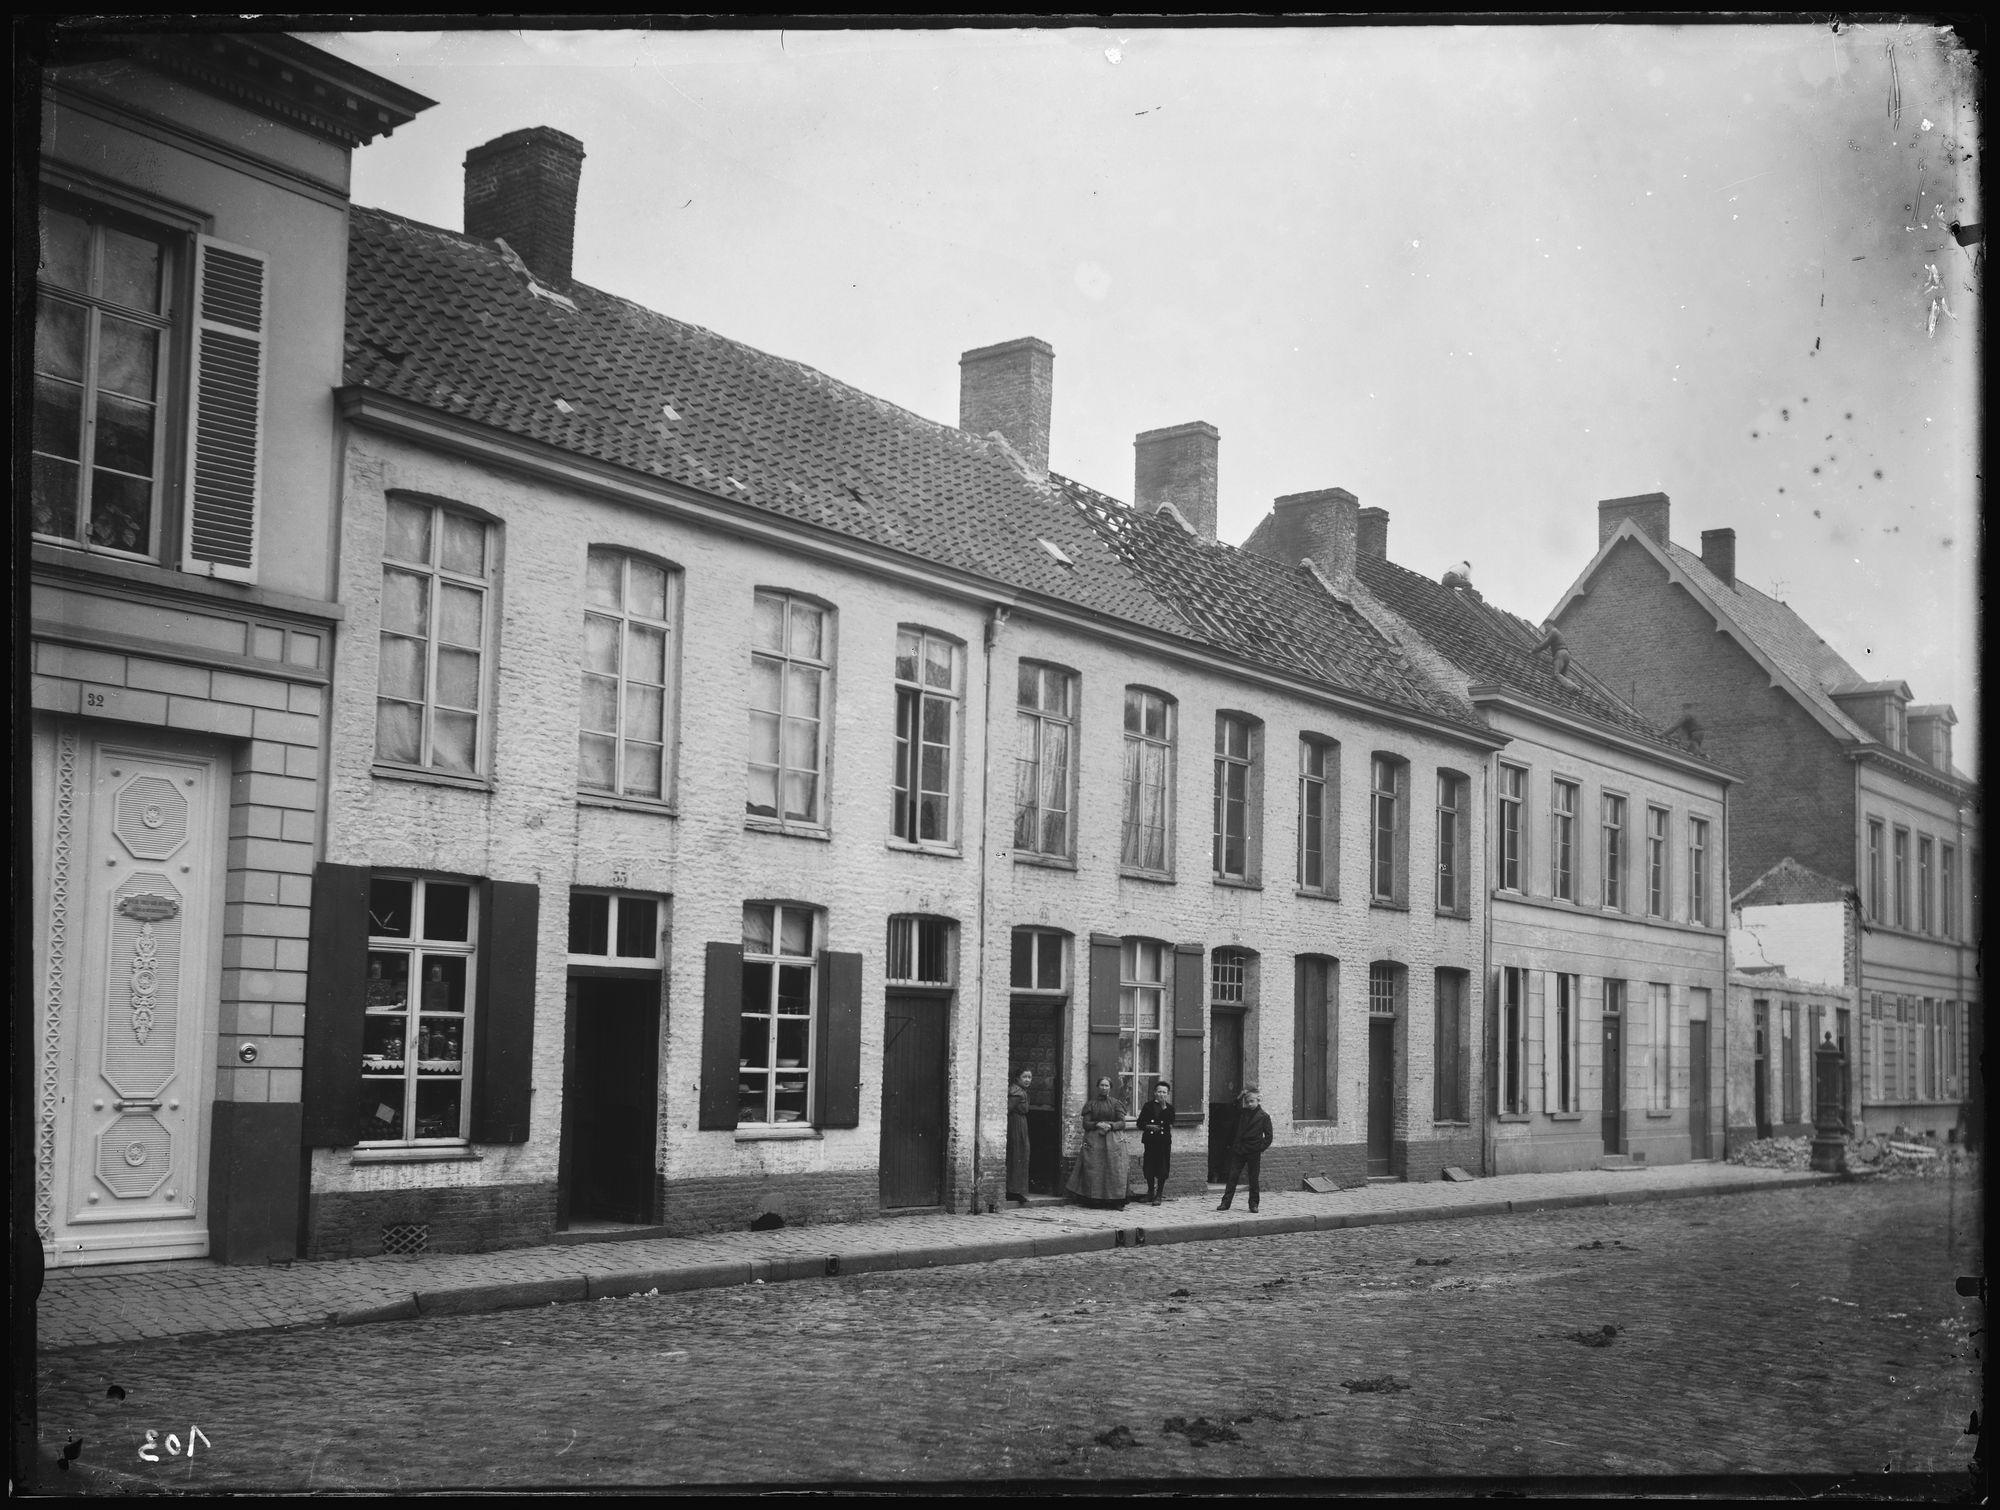 Plein in 1899